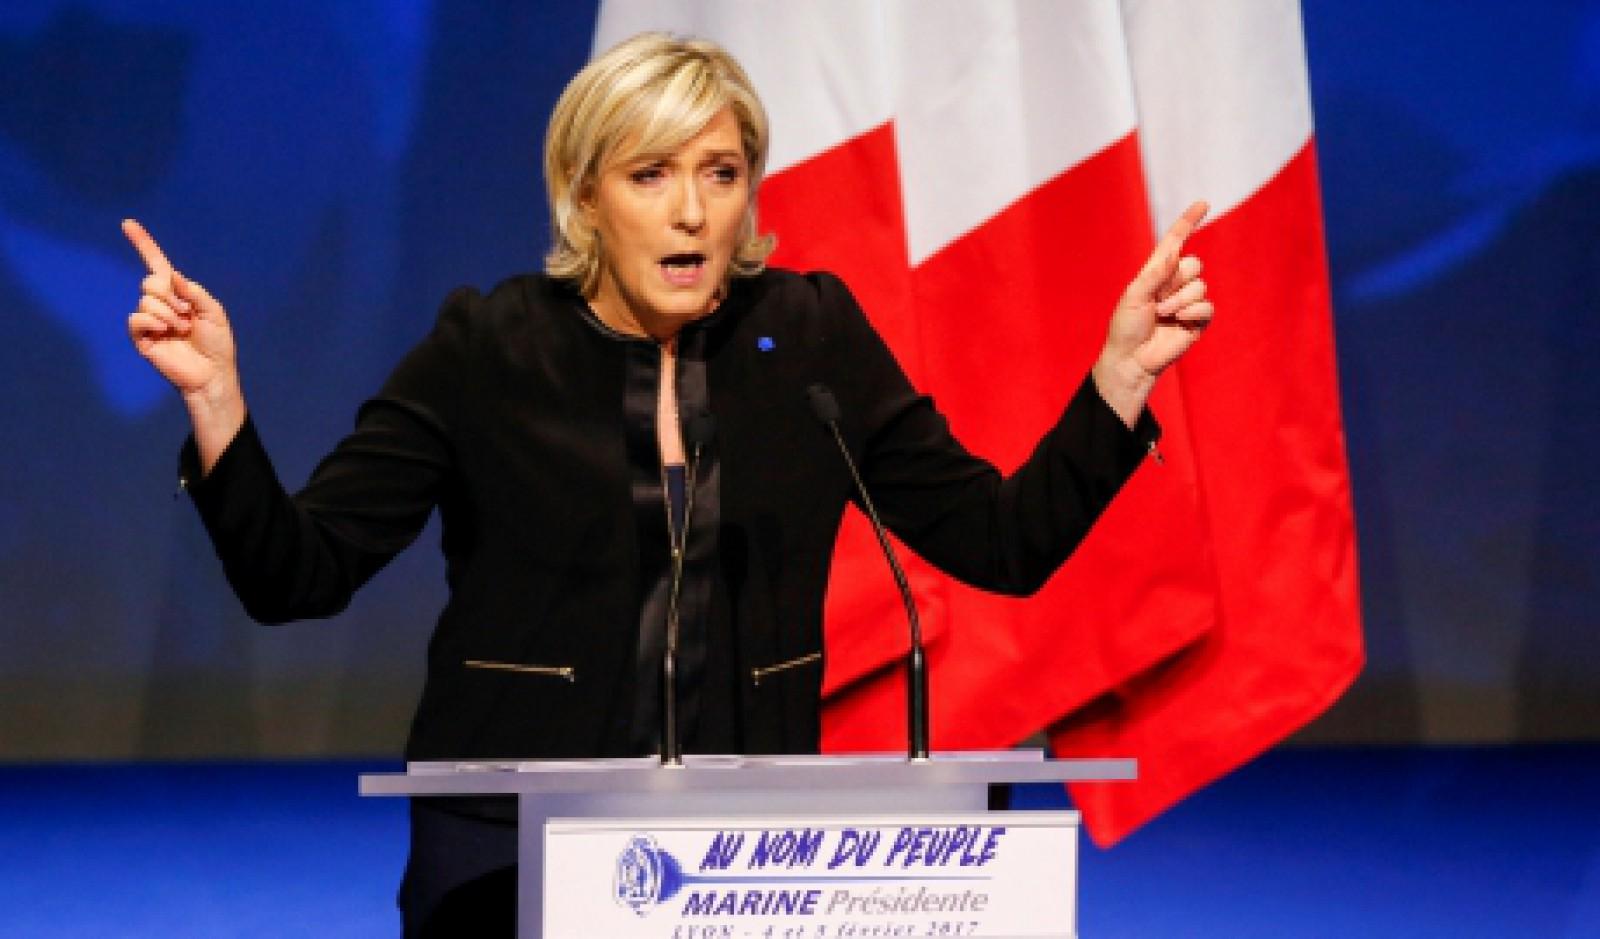 Marine Le Pen va propune un nou nume pentru formaţiunea Frontul Naţional din Franţa